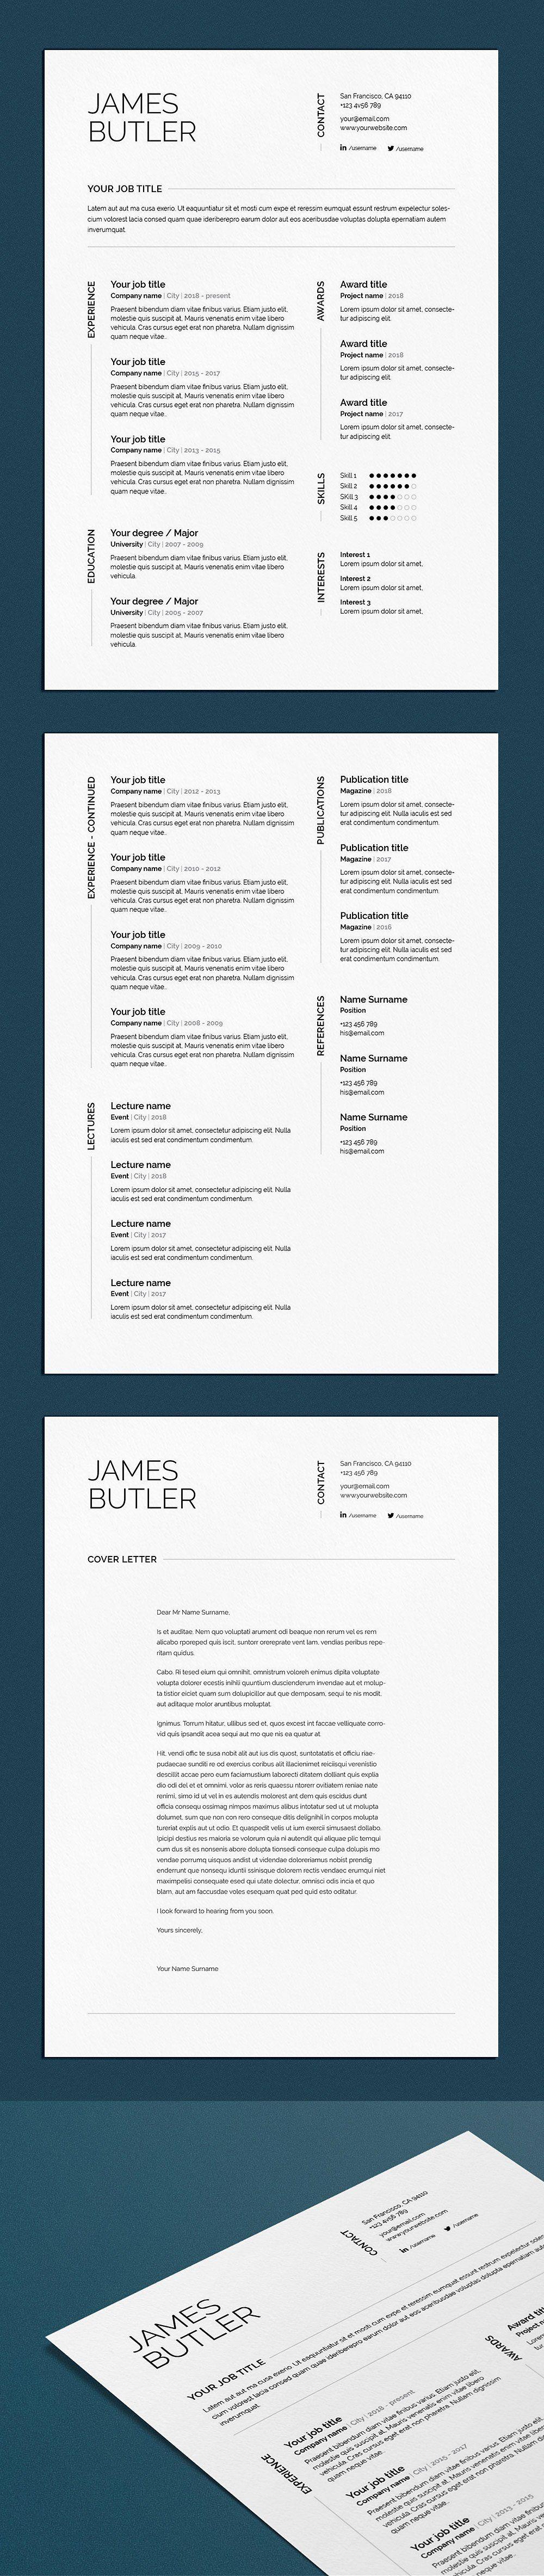 James CV / resume (3 pages) program, Resume